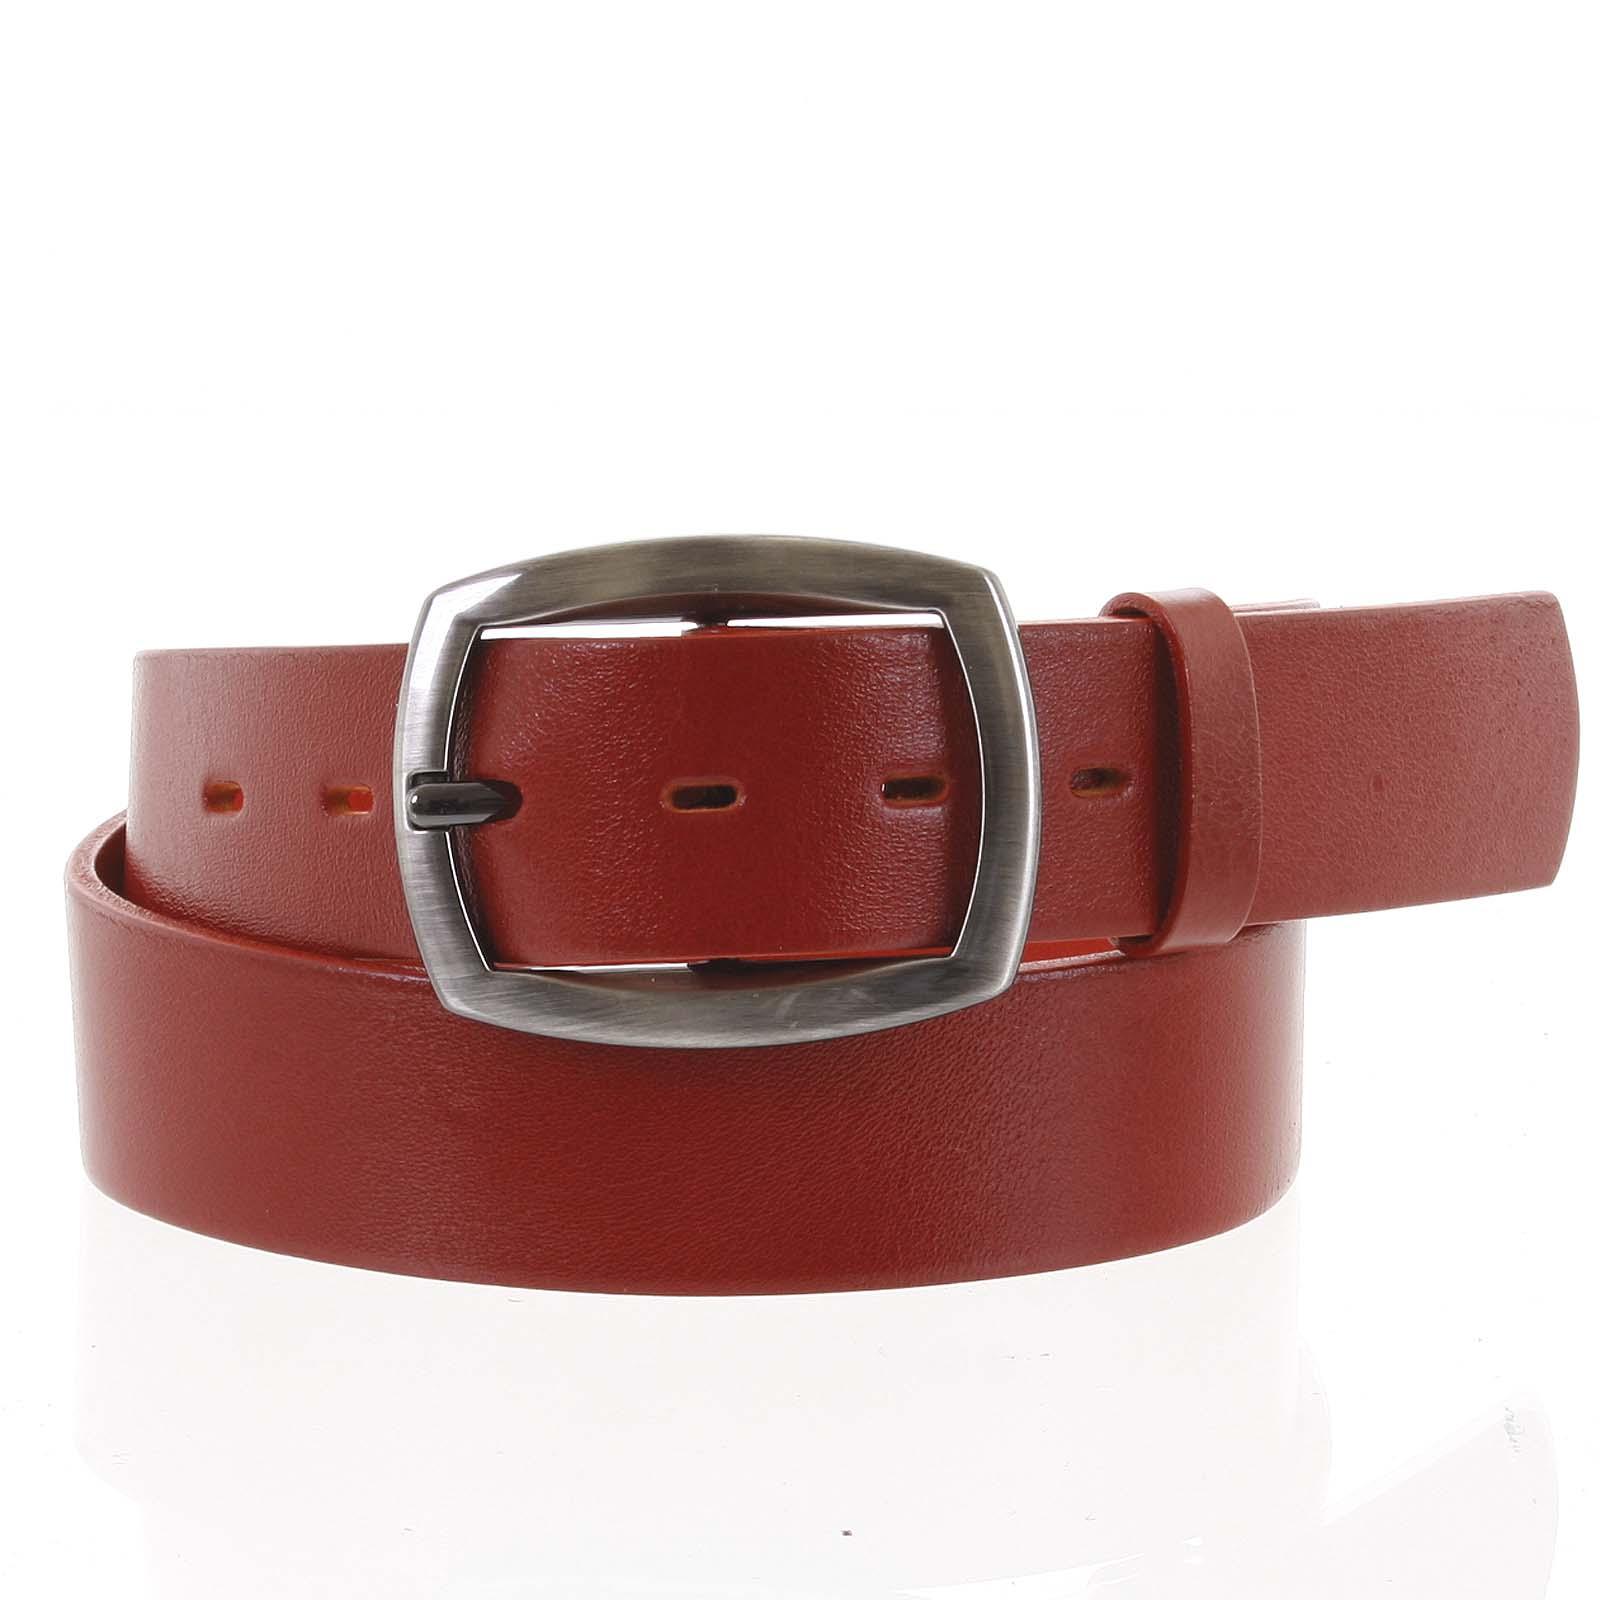 Dámsky kožený opasok červený - PB Spain 90